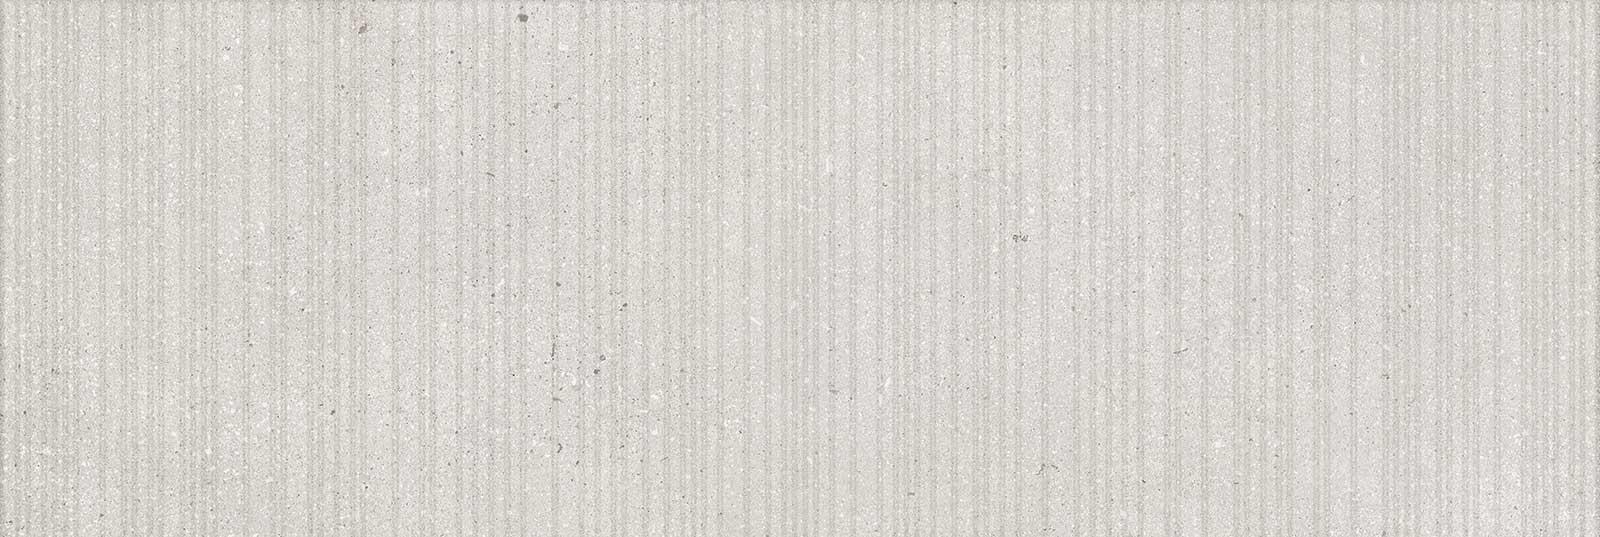 RLV LINEE TOSCANA WALL WHITE MATT 20X60